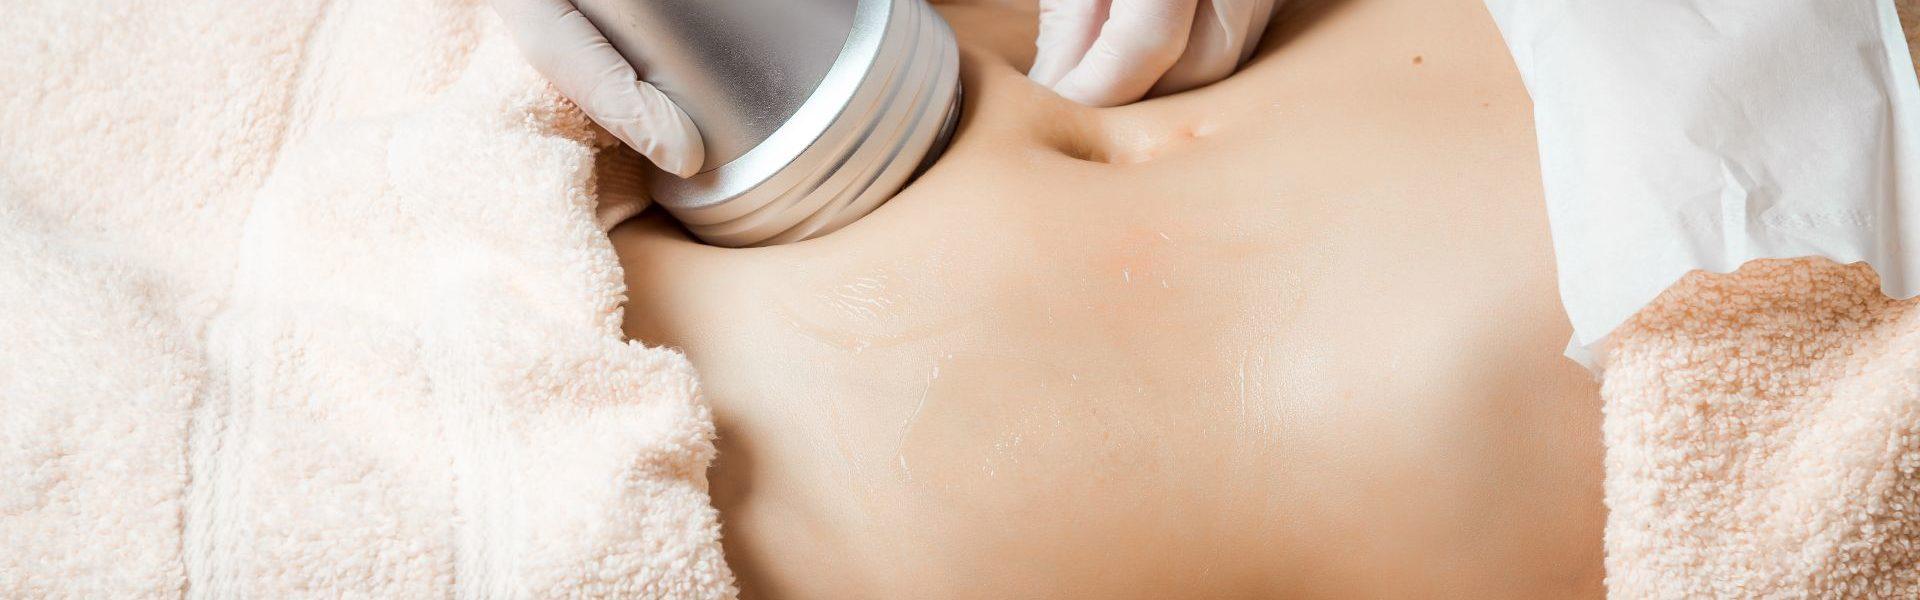 Kawitacja ultradźwiękowa w kosmetologii